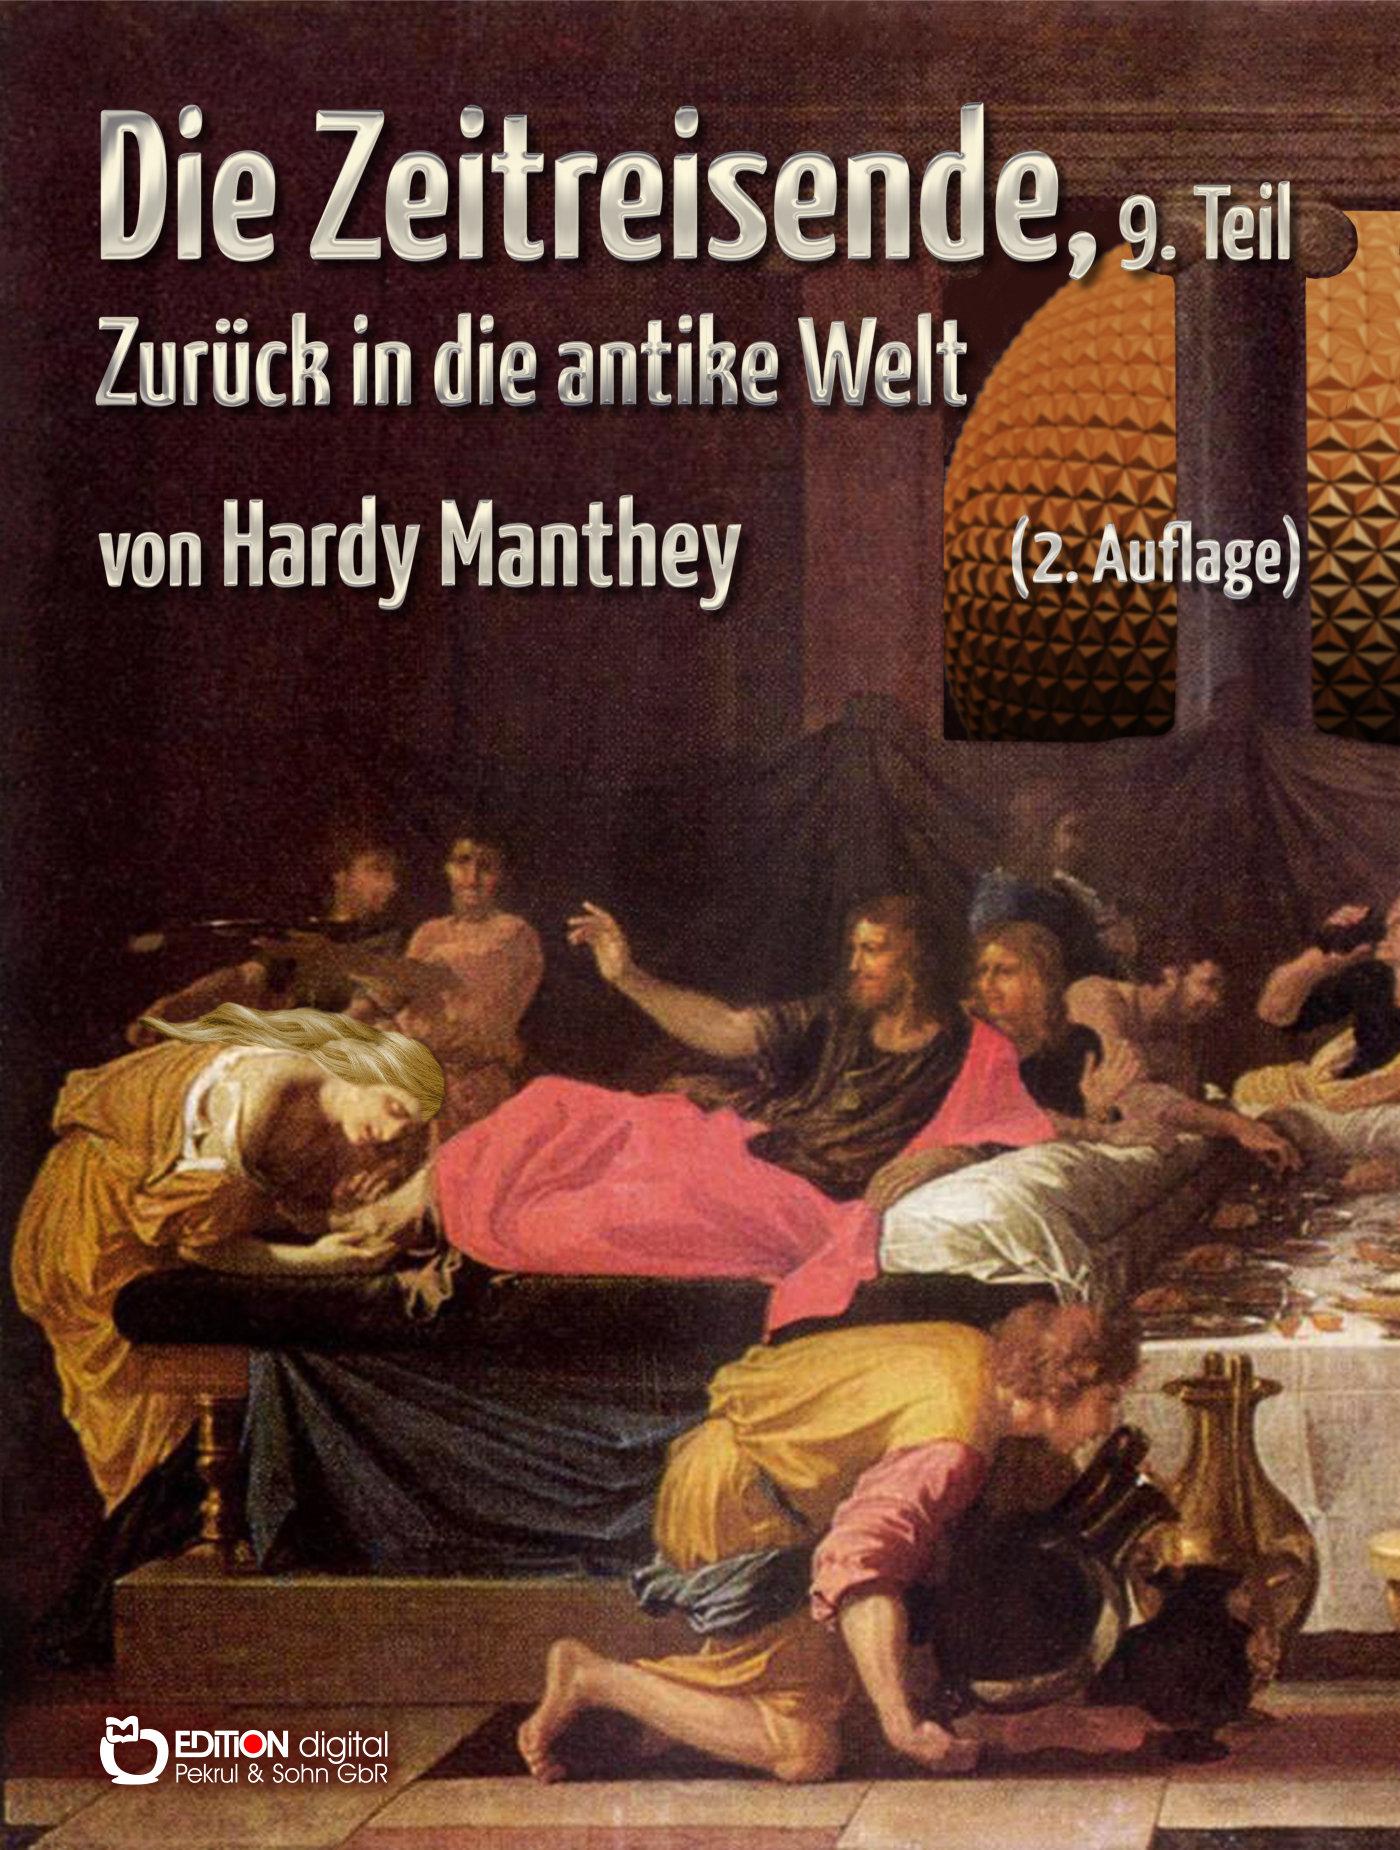 Die Zeitreisende, 9. Teil. Zurück in die antike Welt von Hardy Manthey